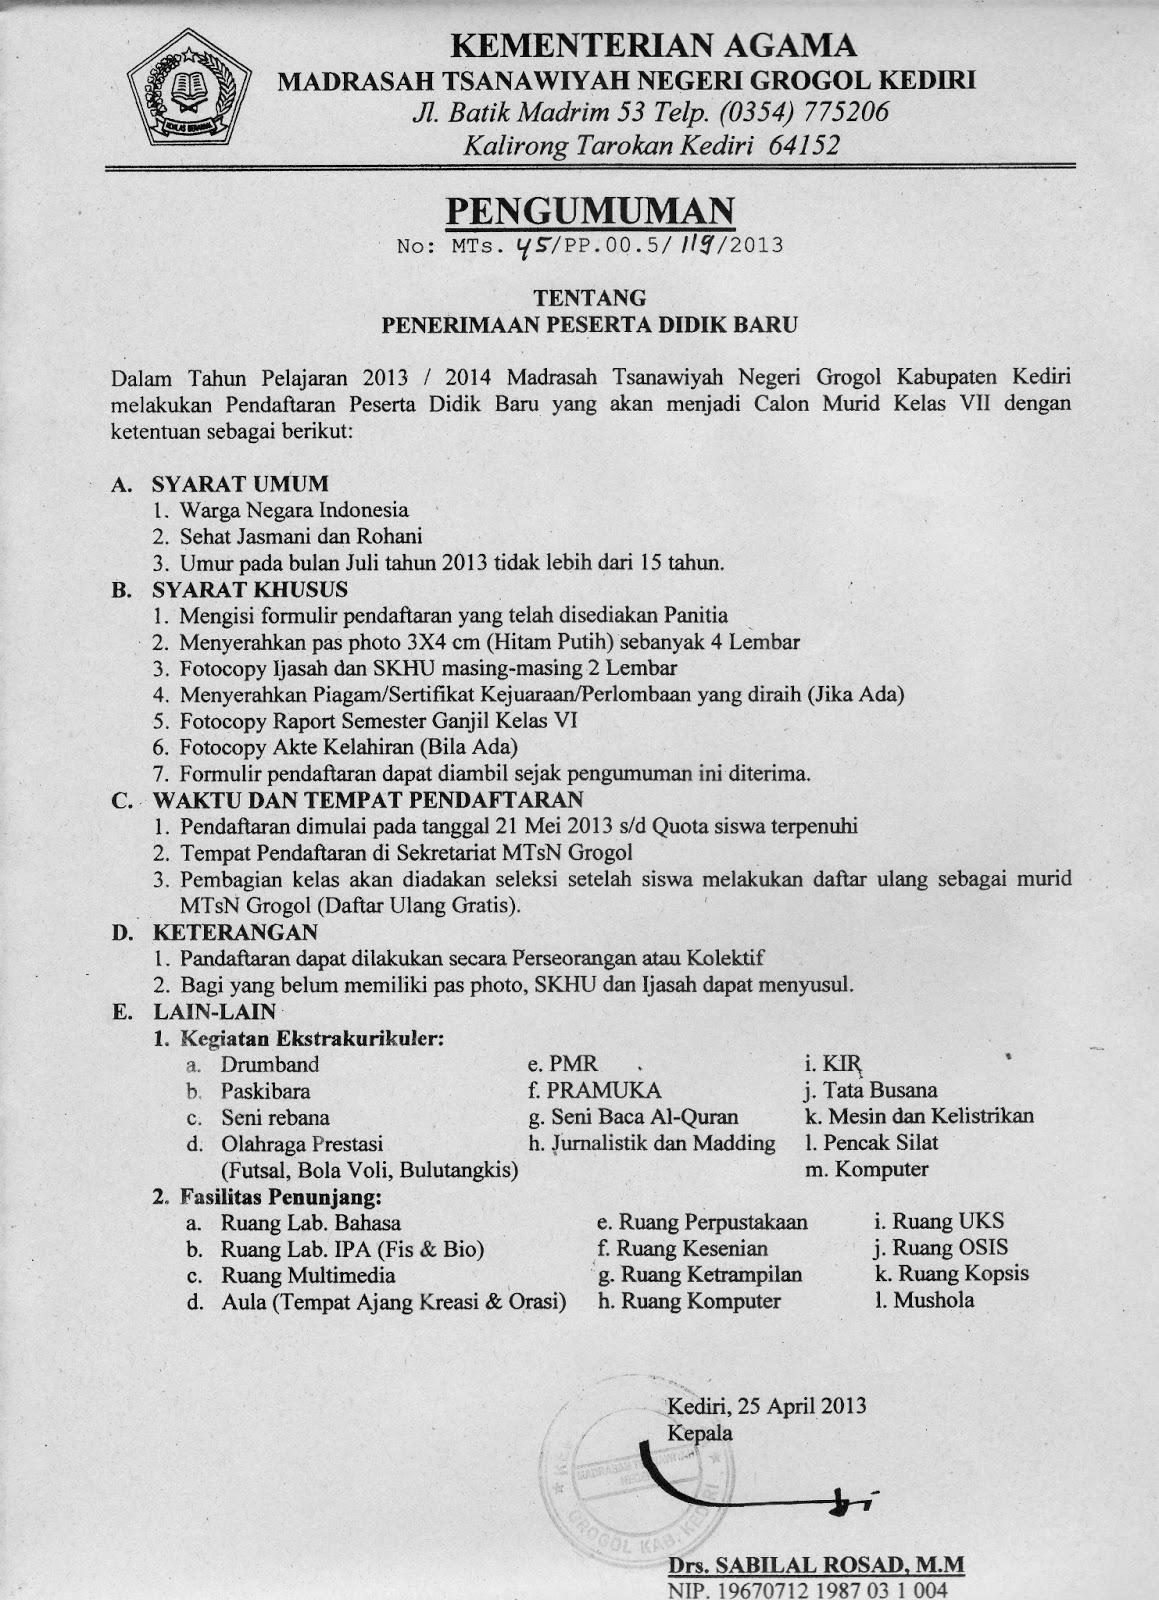 MTsN 4 Kediri (MTsN Grogol): PENDAFTARAN PESERTA DIDIK